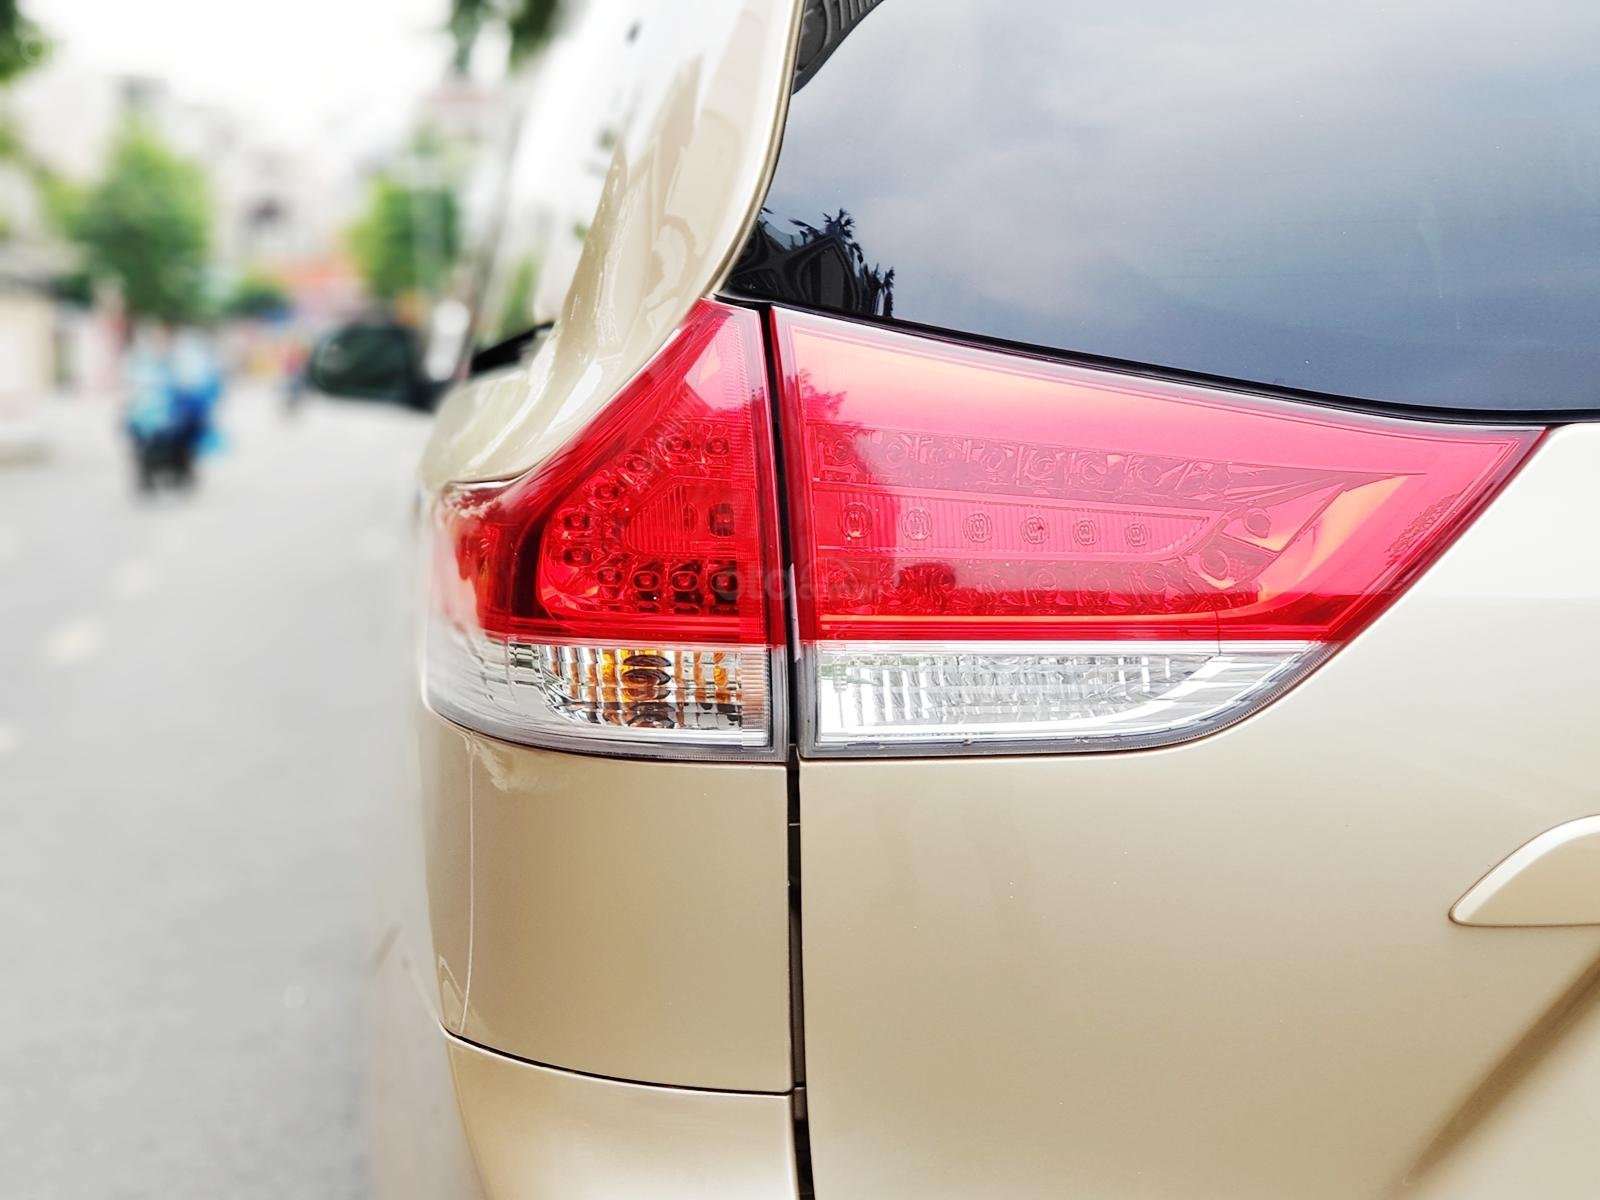 Bán xe Toyota Sienna 2011 3.5 LE nhập khẩu Mỹ (6)